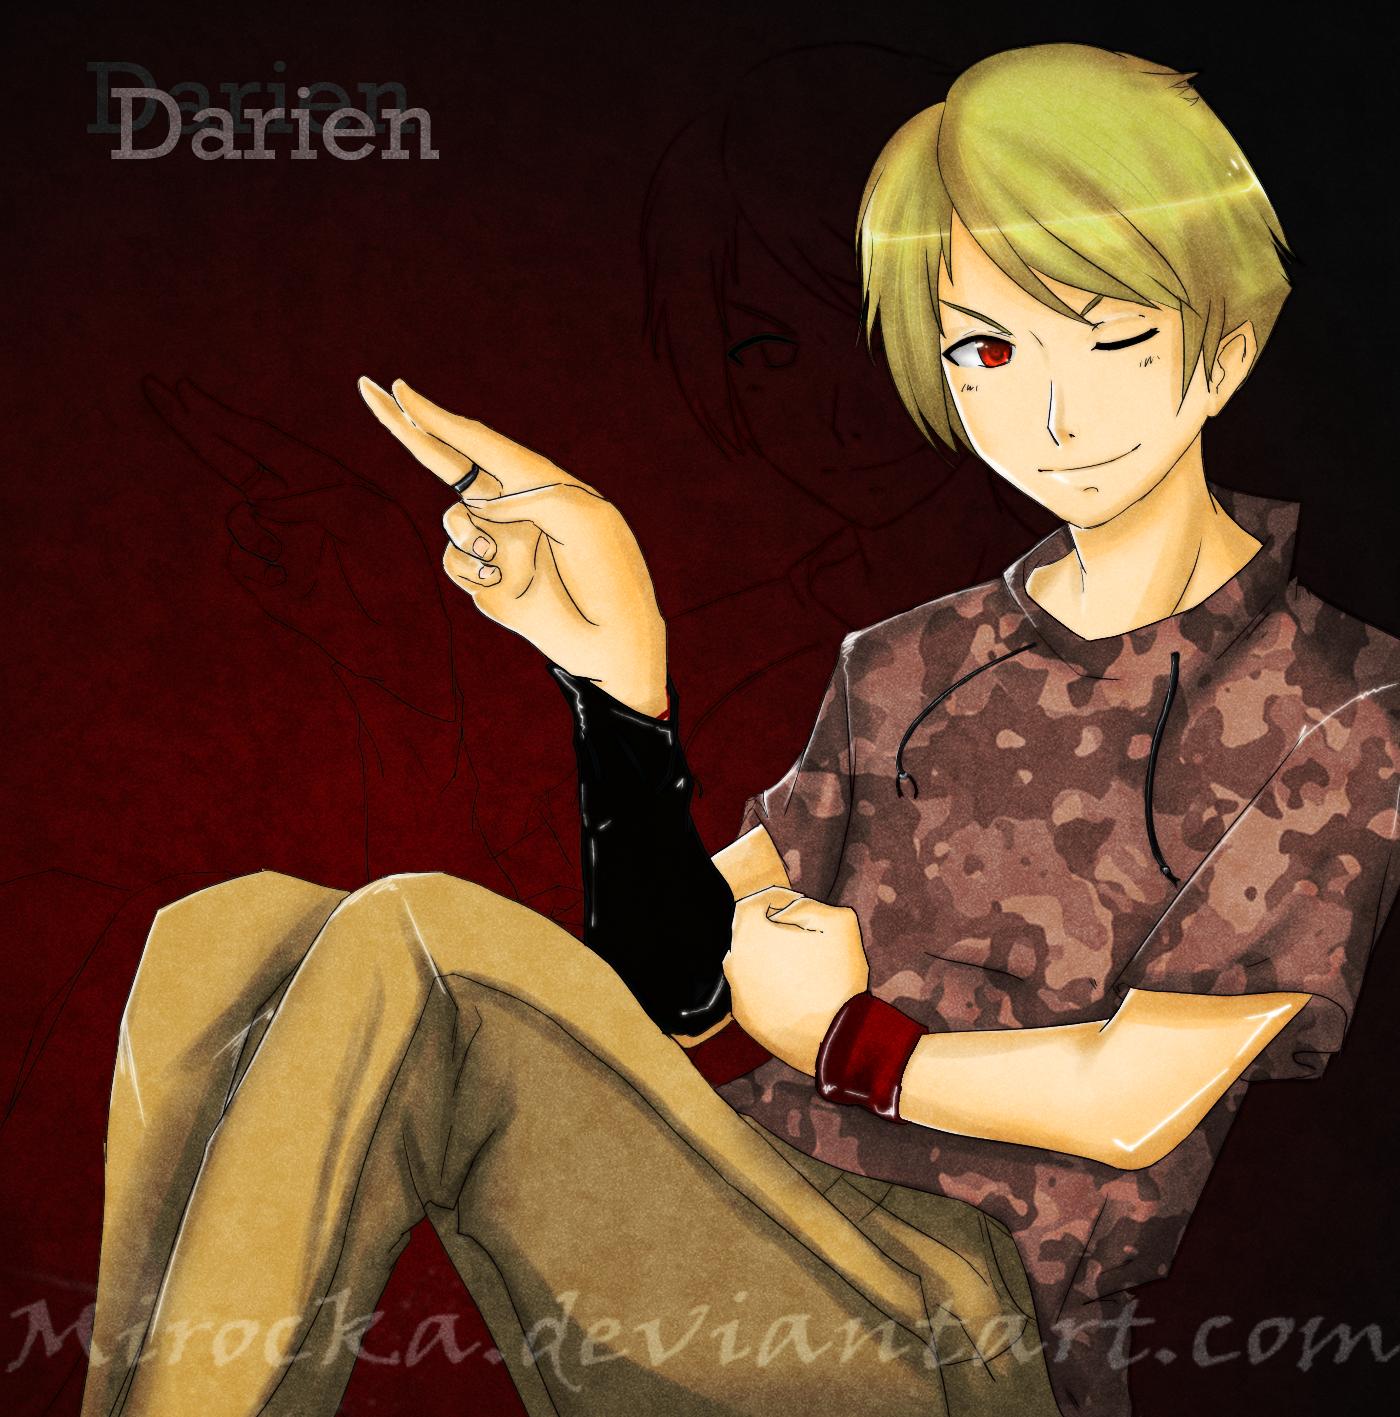 +Darien is here+